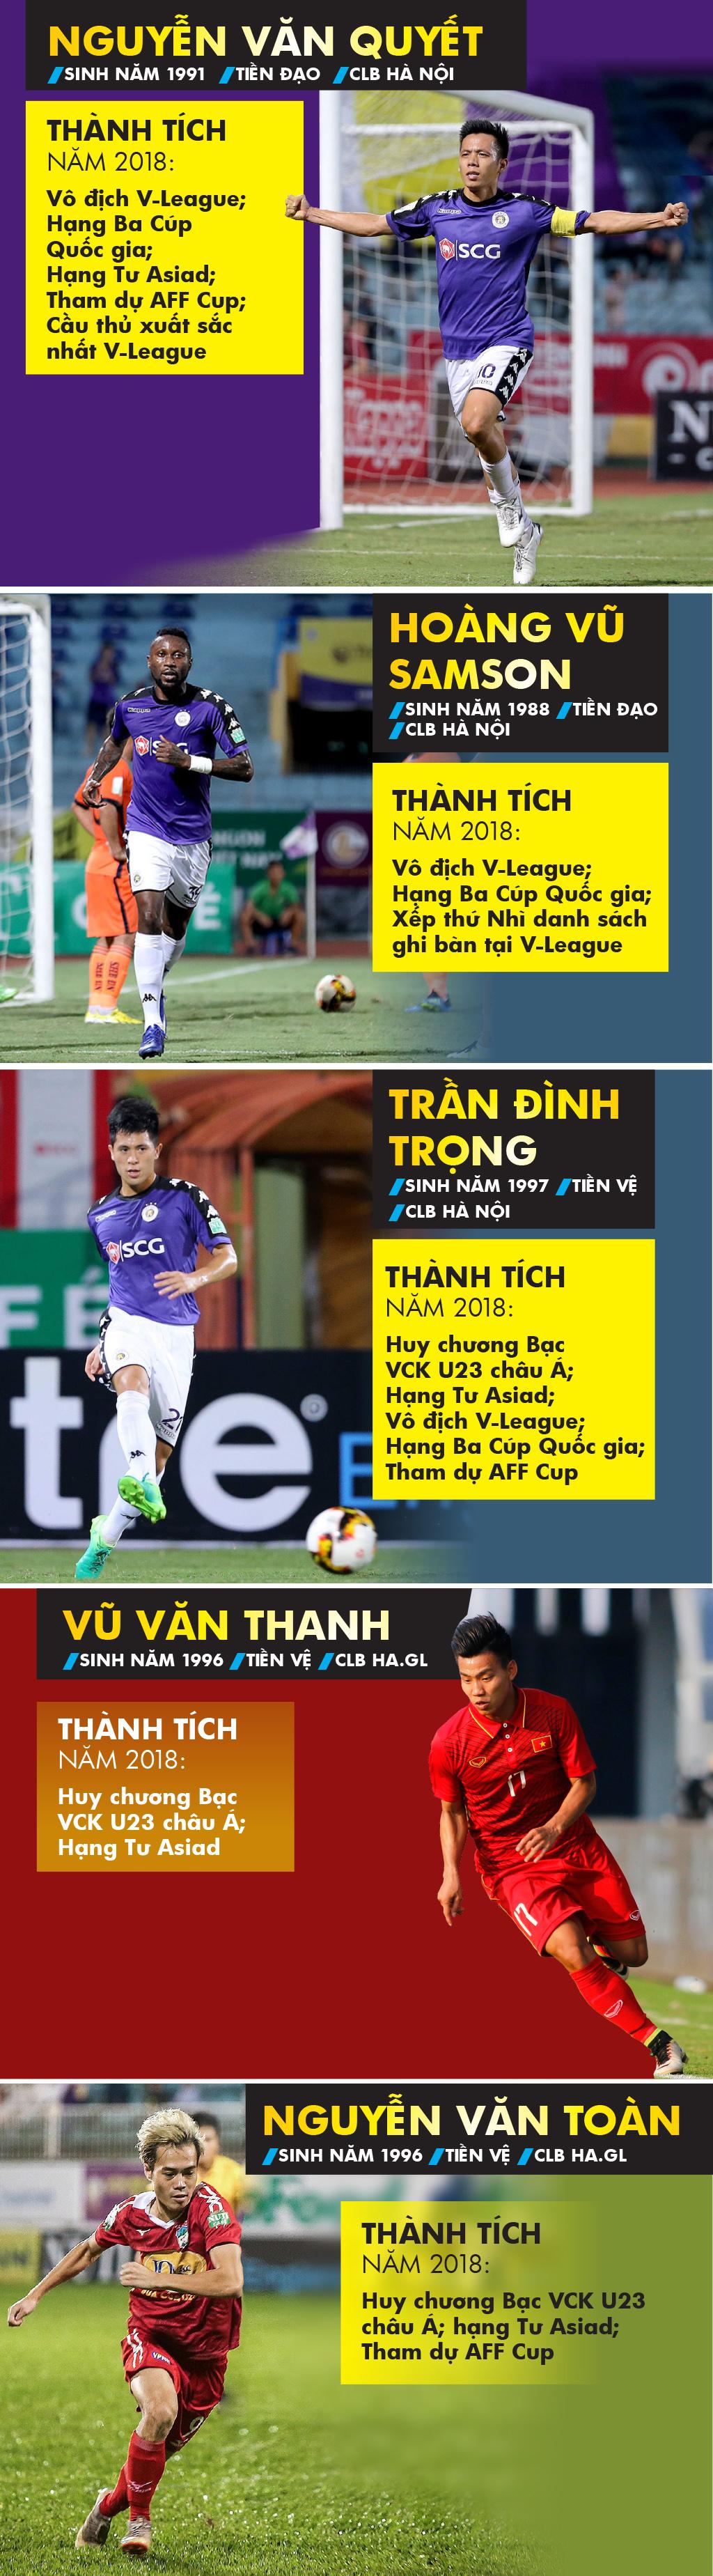 Những cầu thủ nào là ứng viên Giải thưởng Quả bóng Vàng nam 2018? ảnh 5